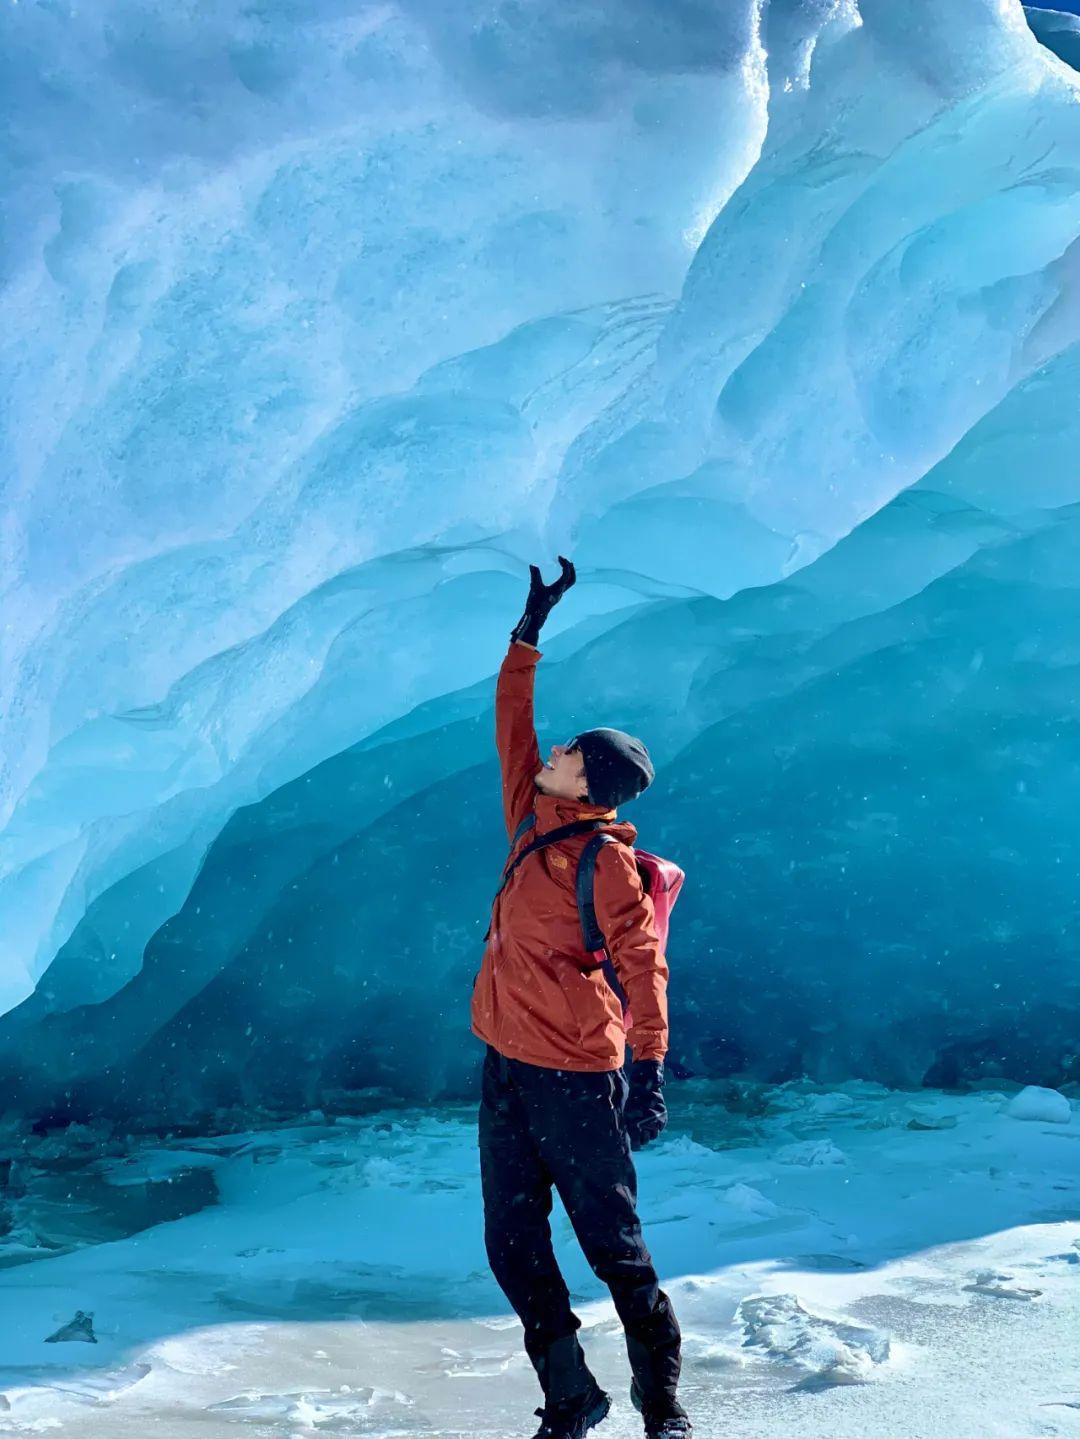 ▲ 冬季时的来古冰川冰洞